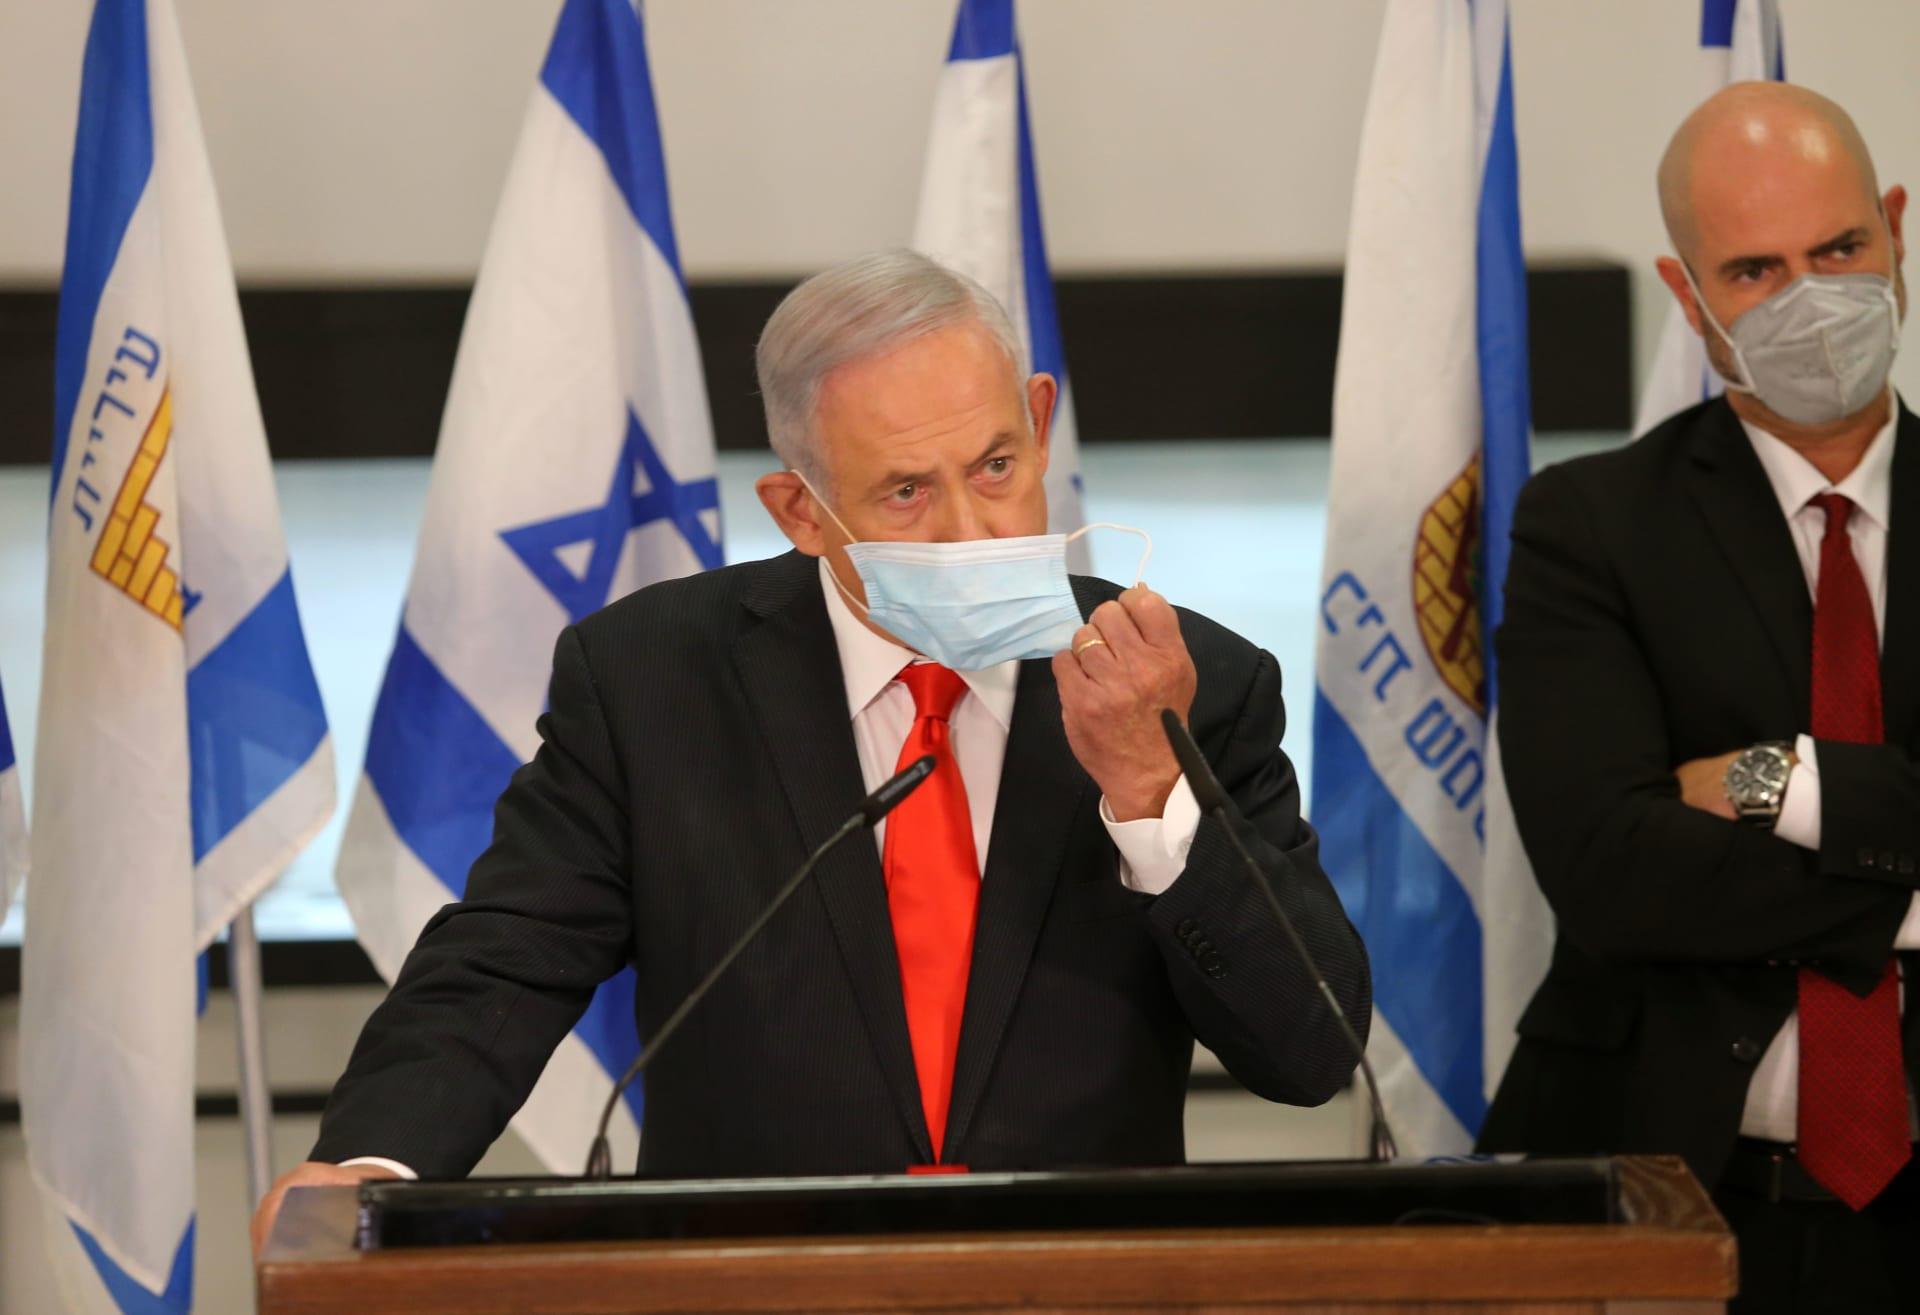 إسرائيل.. نتنياهو: إغلاق عام لـ3 أسابيع مع احتمال التمديد بسبب فيروس كورونا